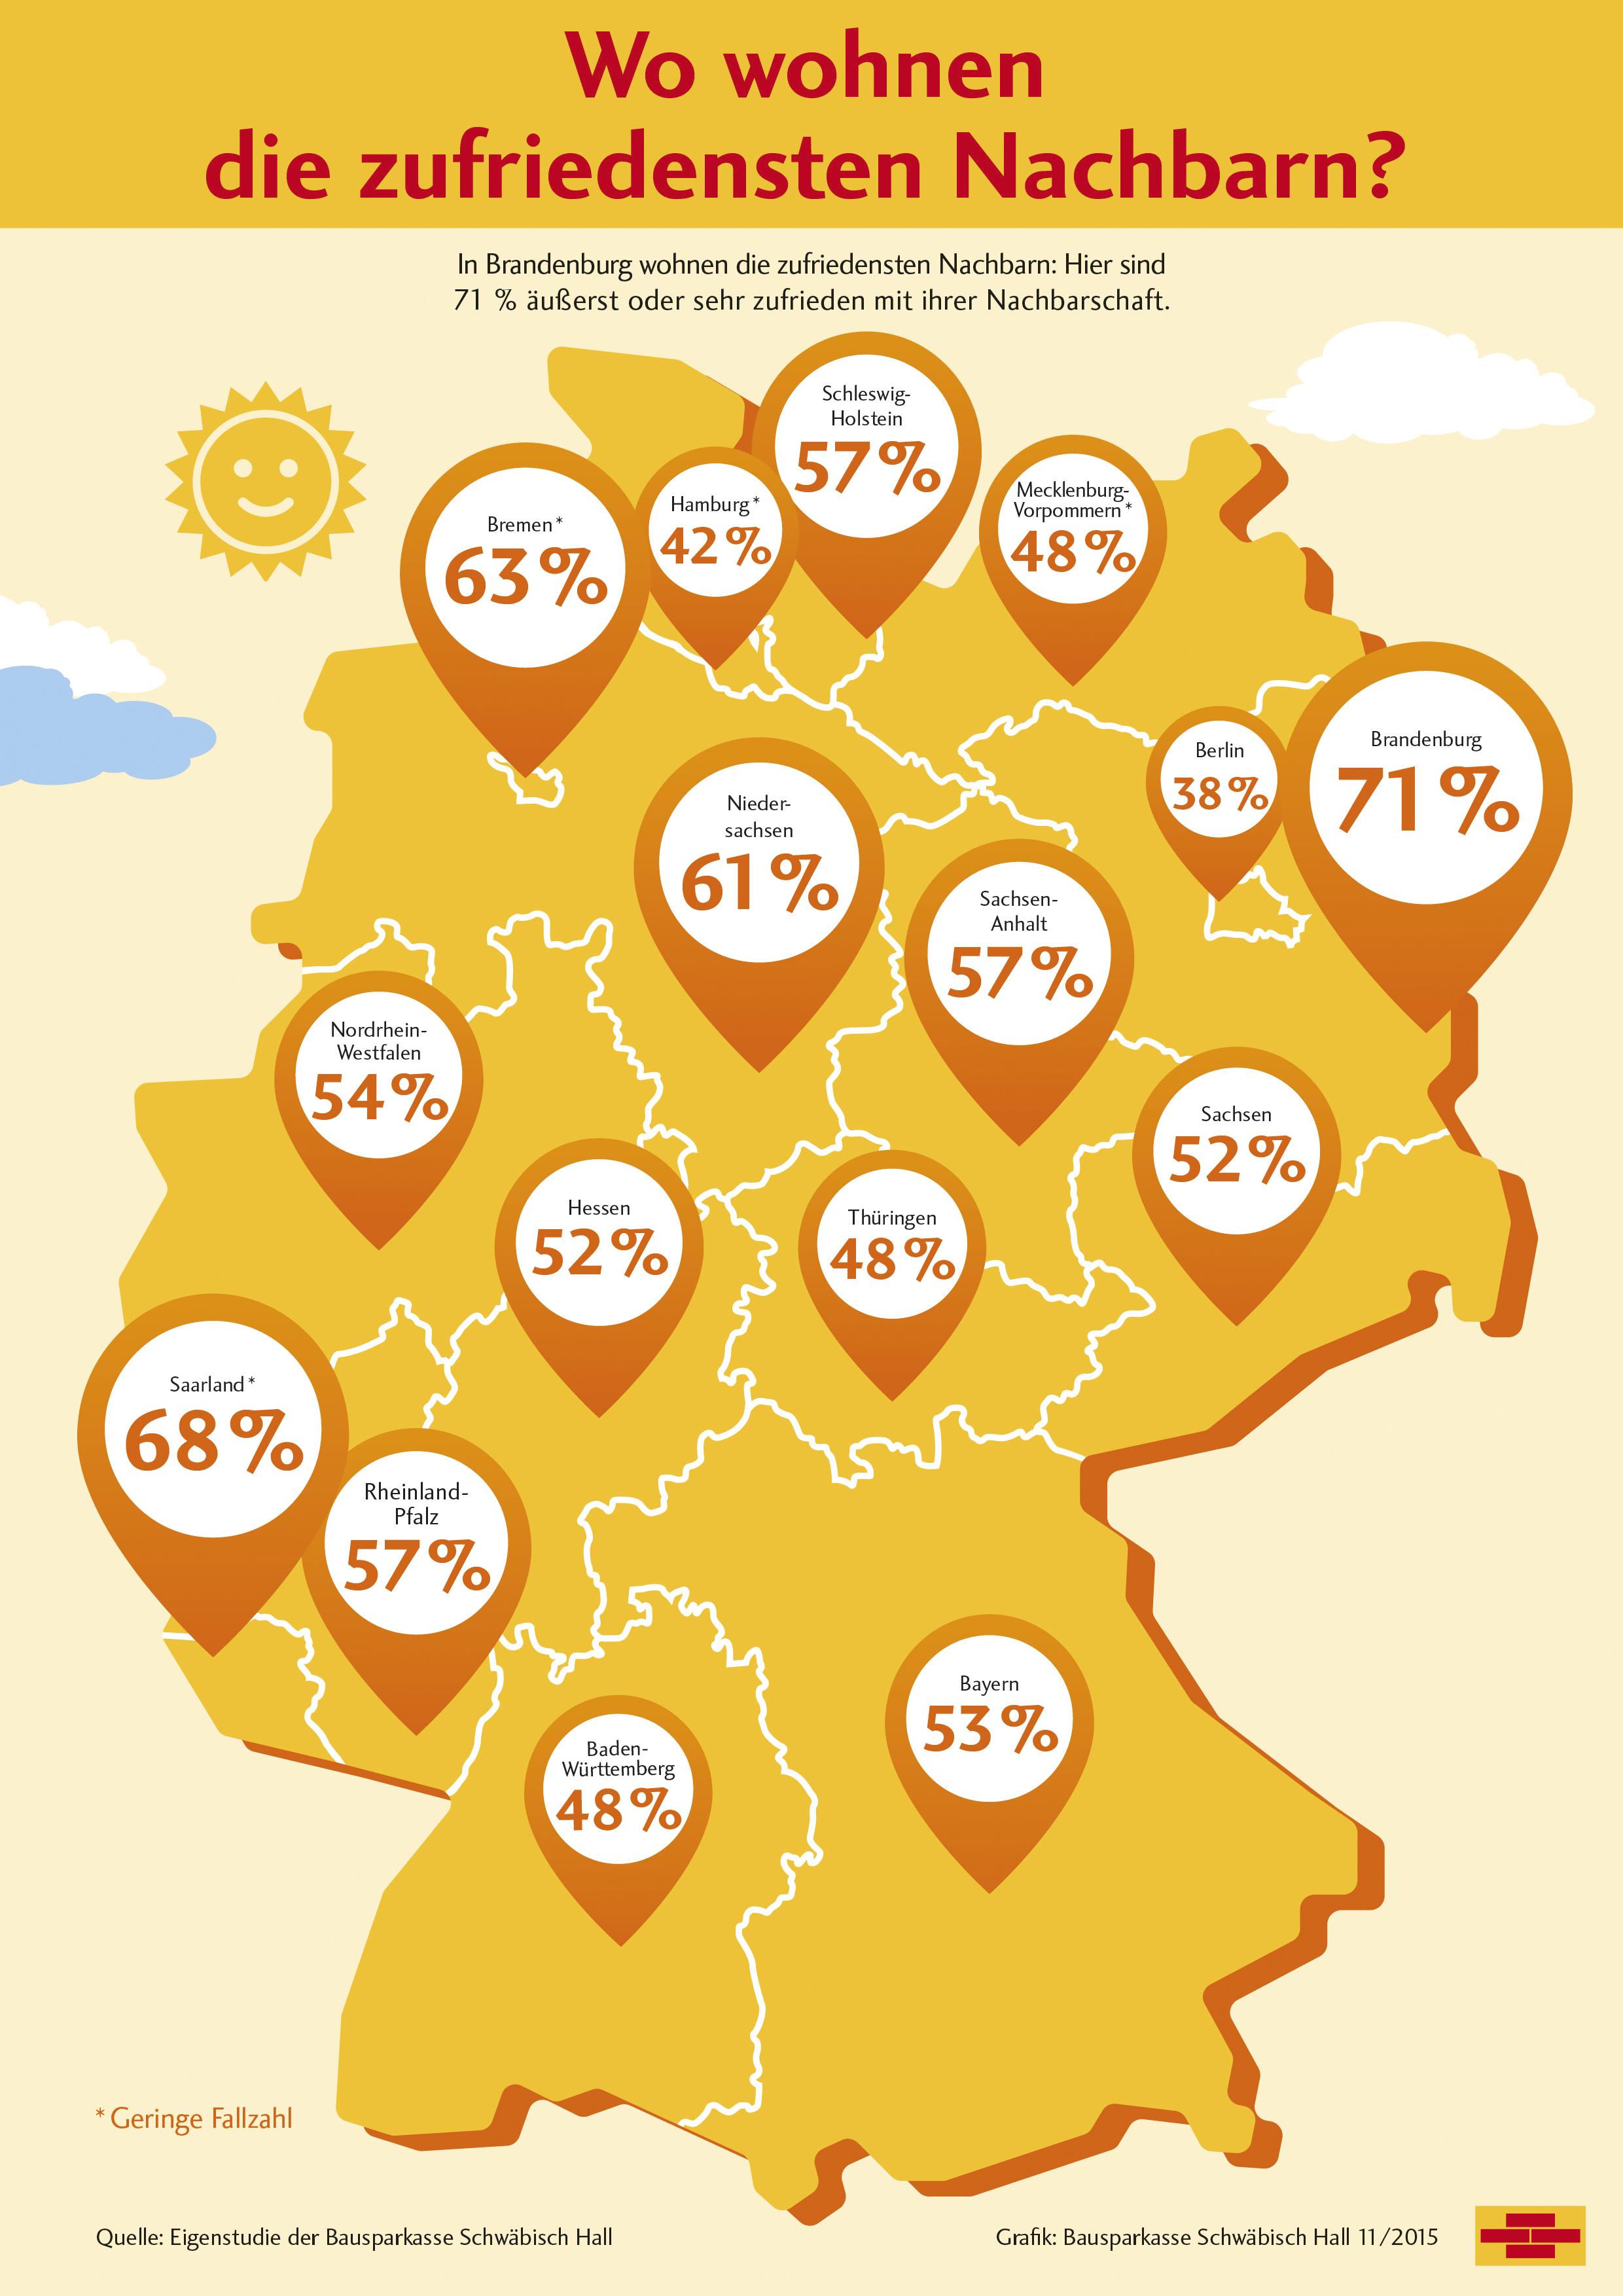 Grafik_Die zufriedensten Nachbarn_2015_trend4ward.de/trendblog